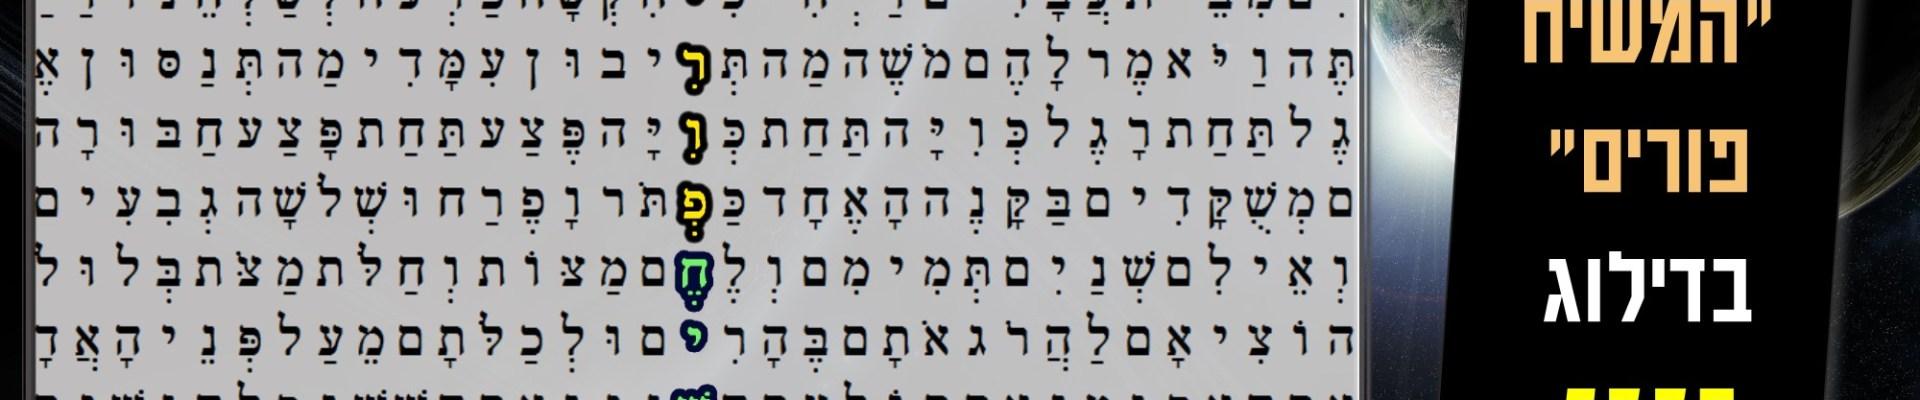 """פְּטִירַת מָרָן הַגראי""""ל שְׁטֵייְנְמַן זצוק""""ל בְּעֶרֶב חֲנֻכָּה, וּפְטִירַת מָרָן הַגר""""ש אוֹיֶרְבַּאךְ זצוק""""ל בְּעֶרֶב פּוּרִים מְסַמְּלוֹת אֶת סוֹף תְּקוּפַת הַנֶּצַח וְהַהוֹד וְהַמַּעֲבָר לִתְקוּפַת יְסוֹד וּמַלְכוּת בְּהִתְגַּלּוּת מֶלֶךְ הַמָּשִׁיחַ."""